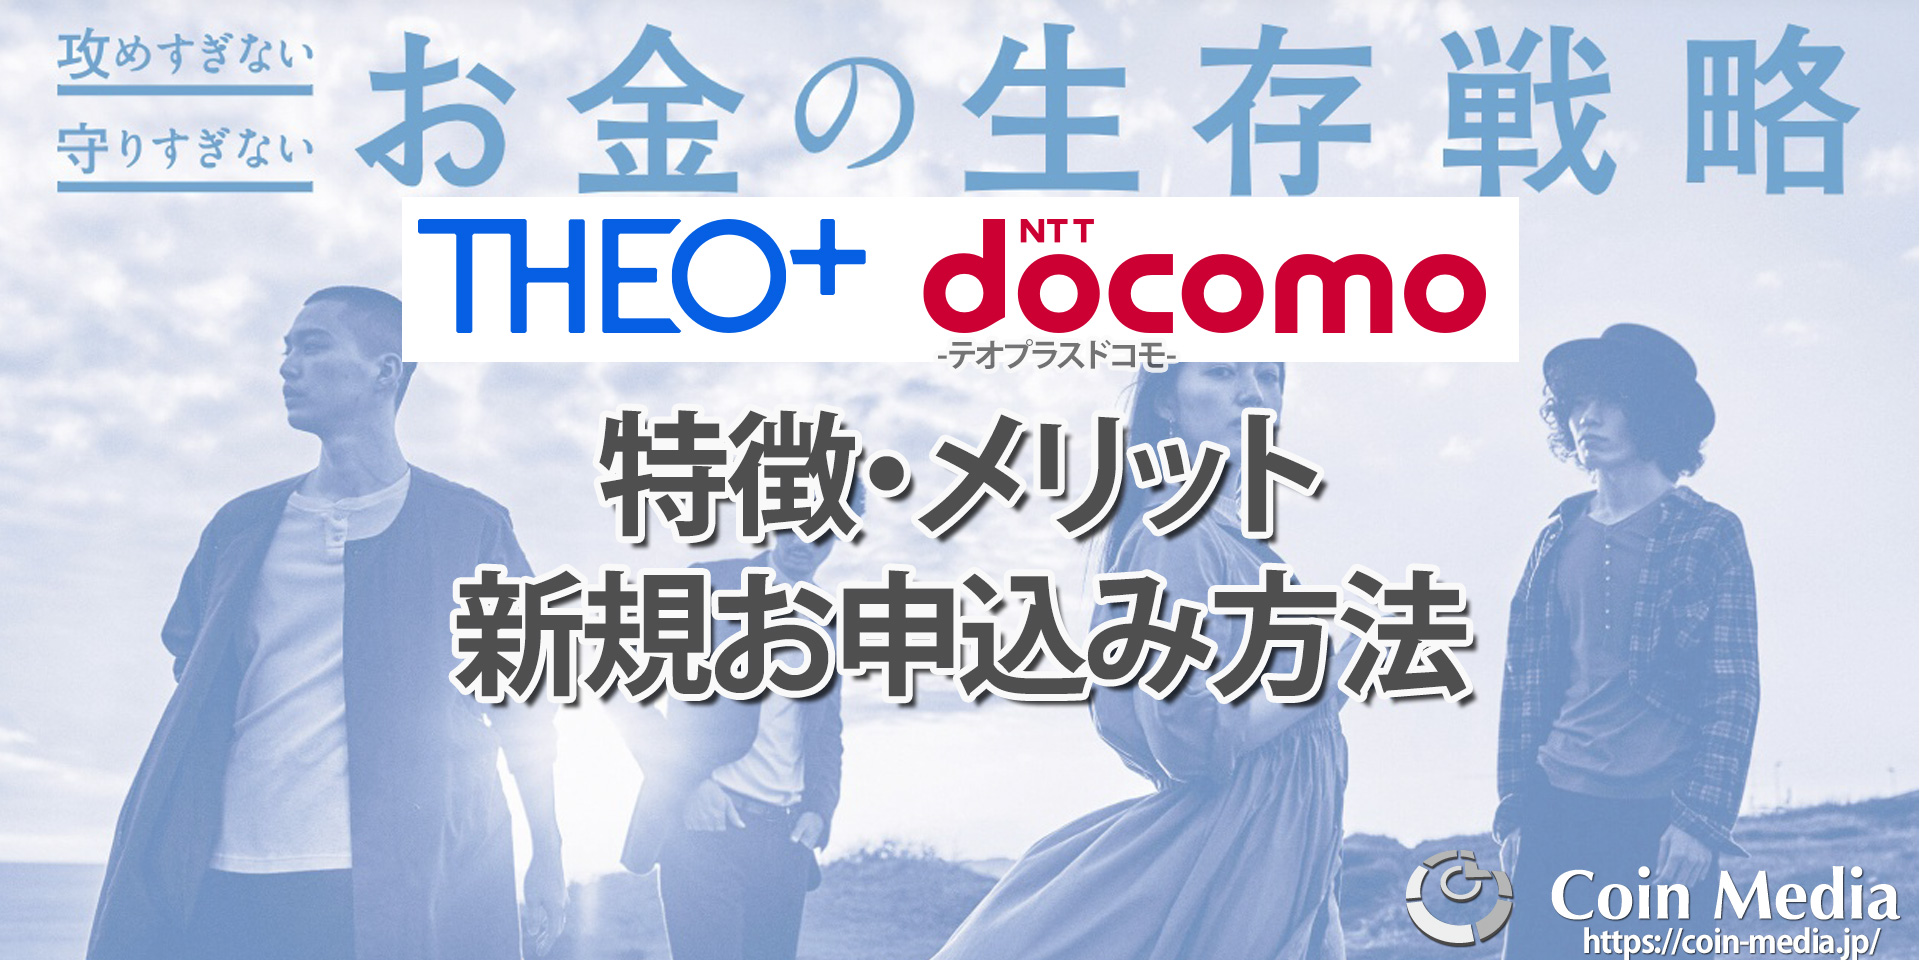 THEO+docomo(テオプラスドコモ)とは?特徴やメリット、新規お申込み方法などを解説!